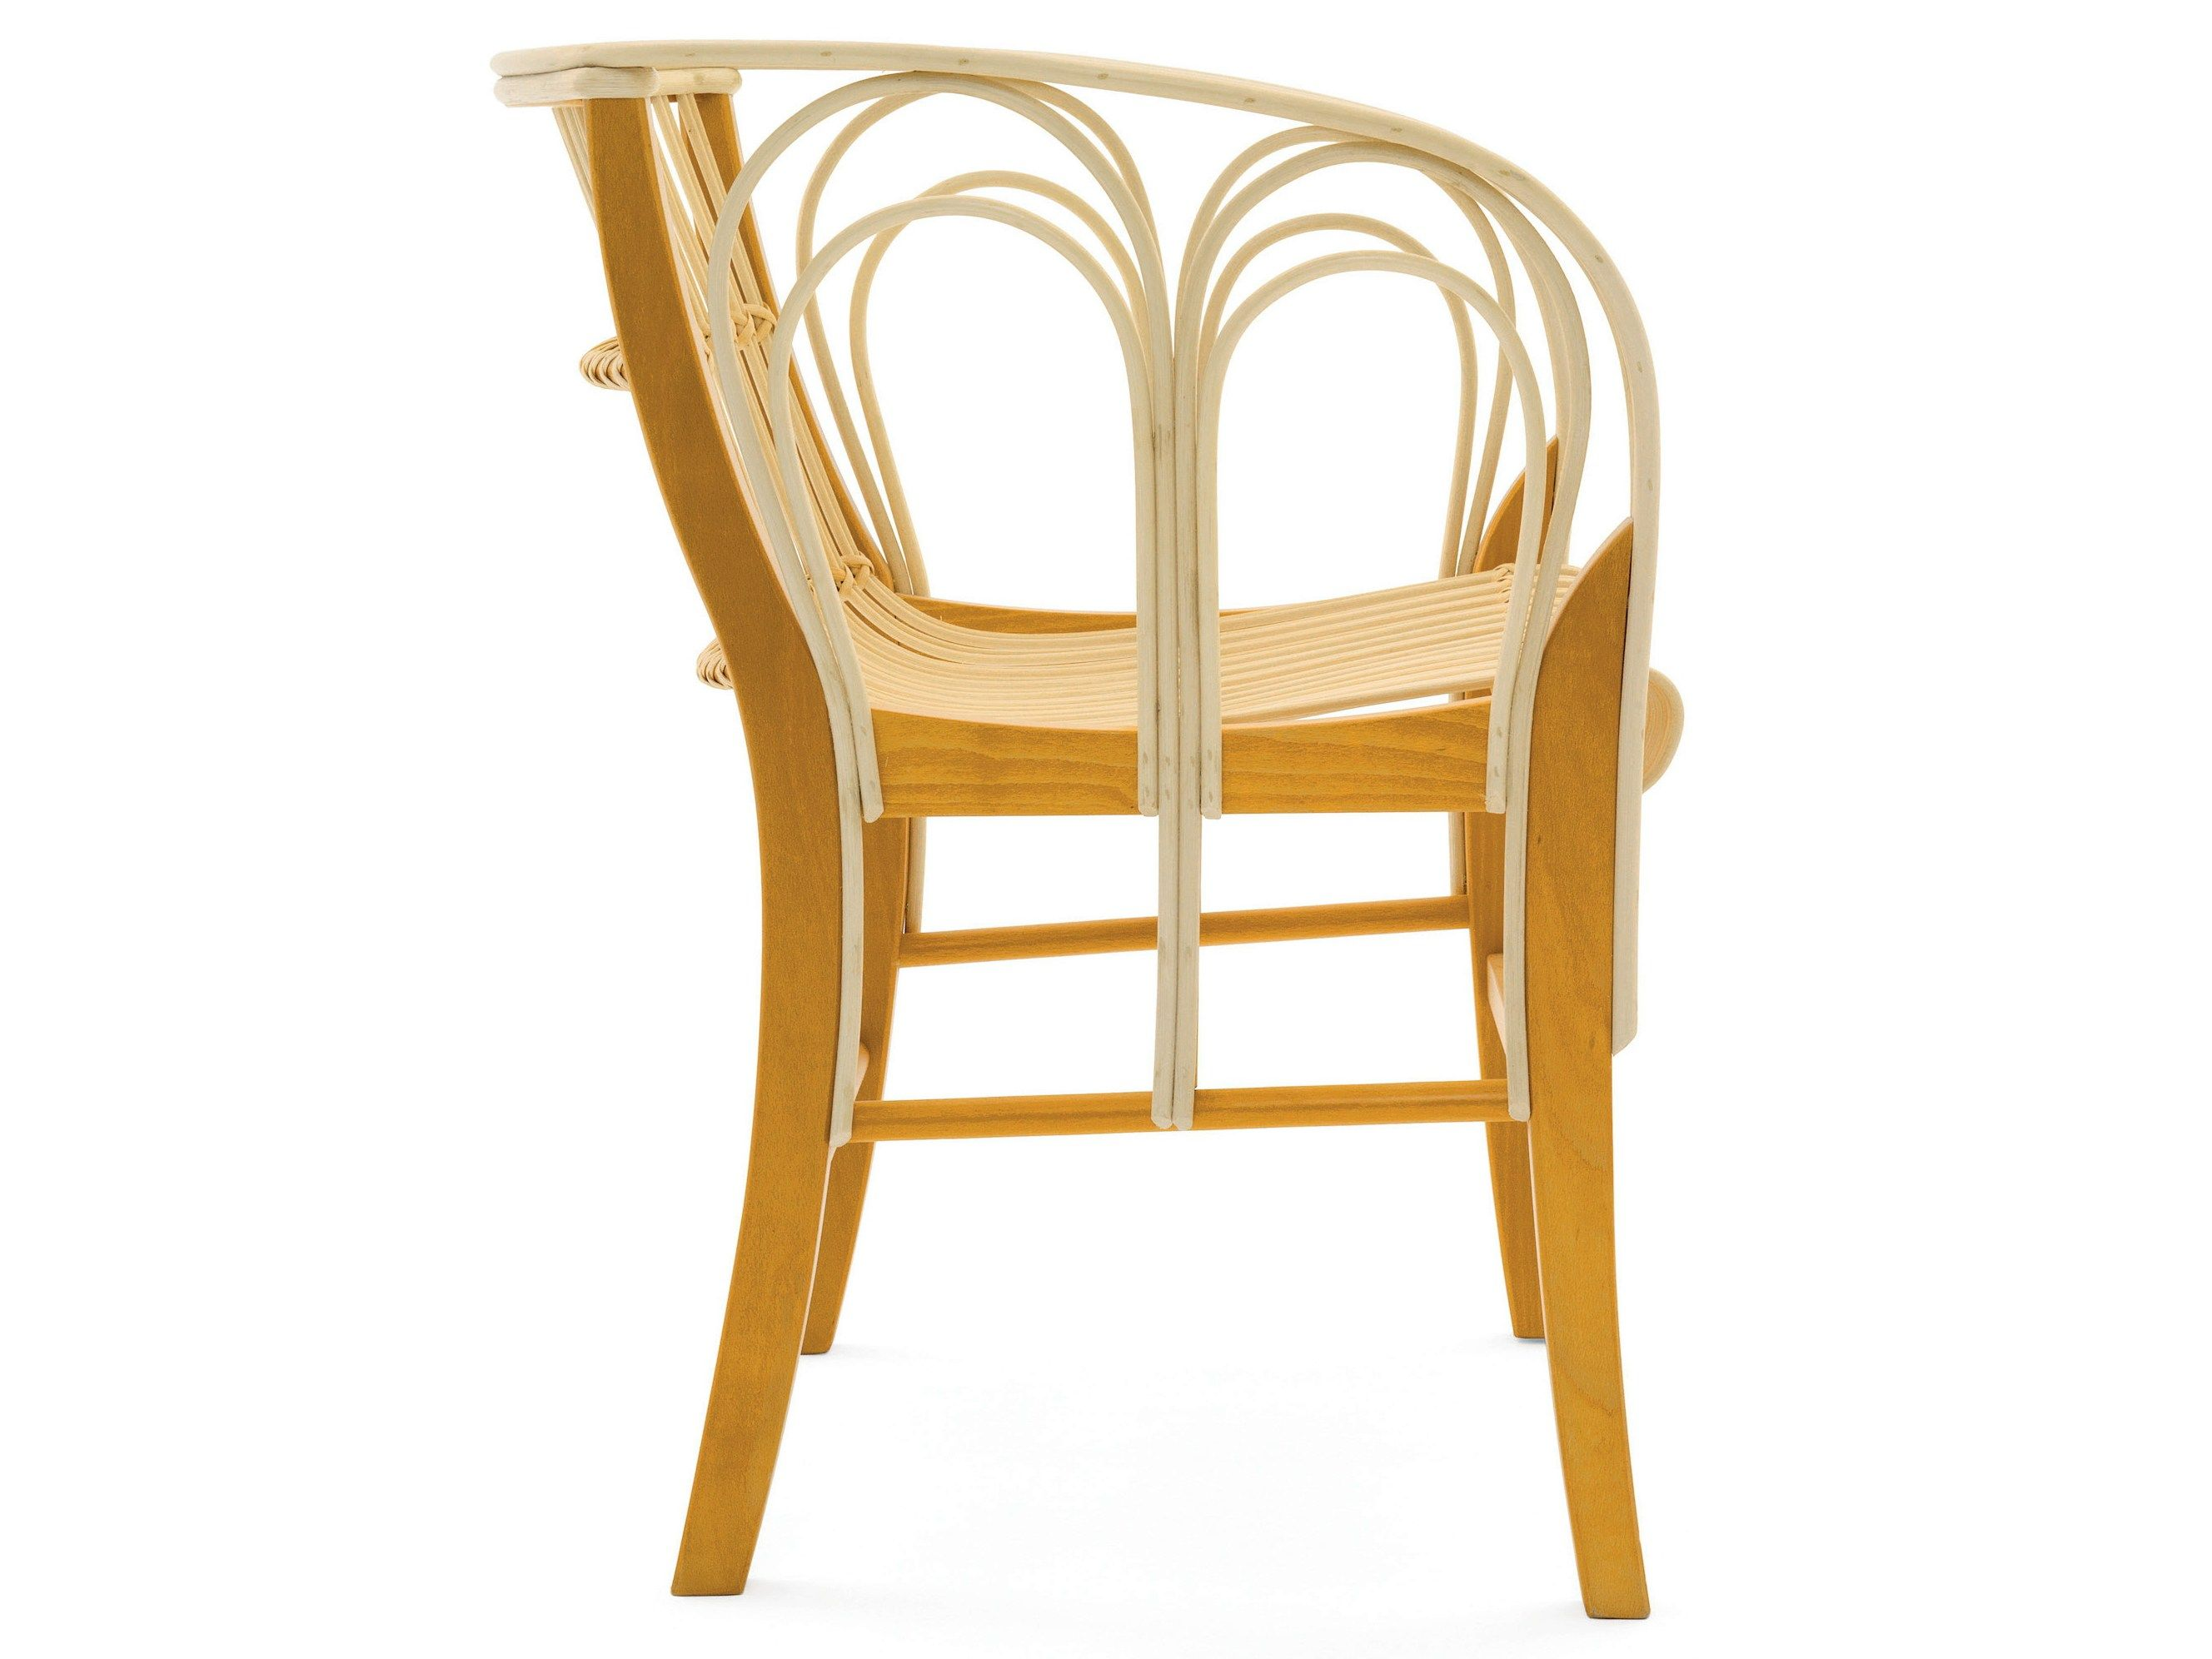 Sedie In Legno Con Braccioli : Sedie sdraio legno con braccioli visualizza dettagli sedia con